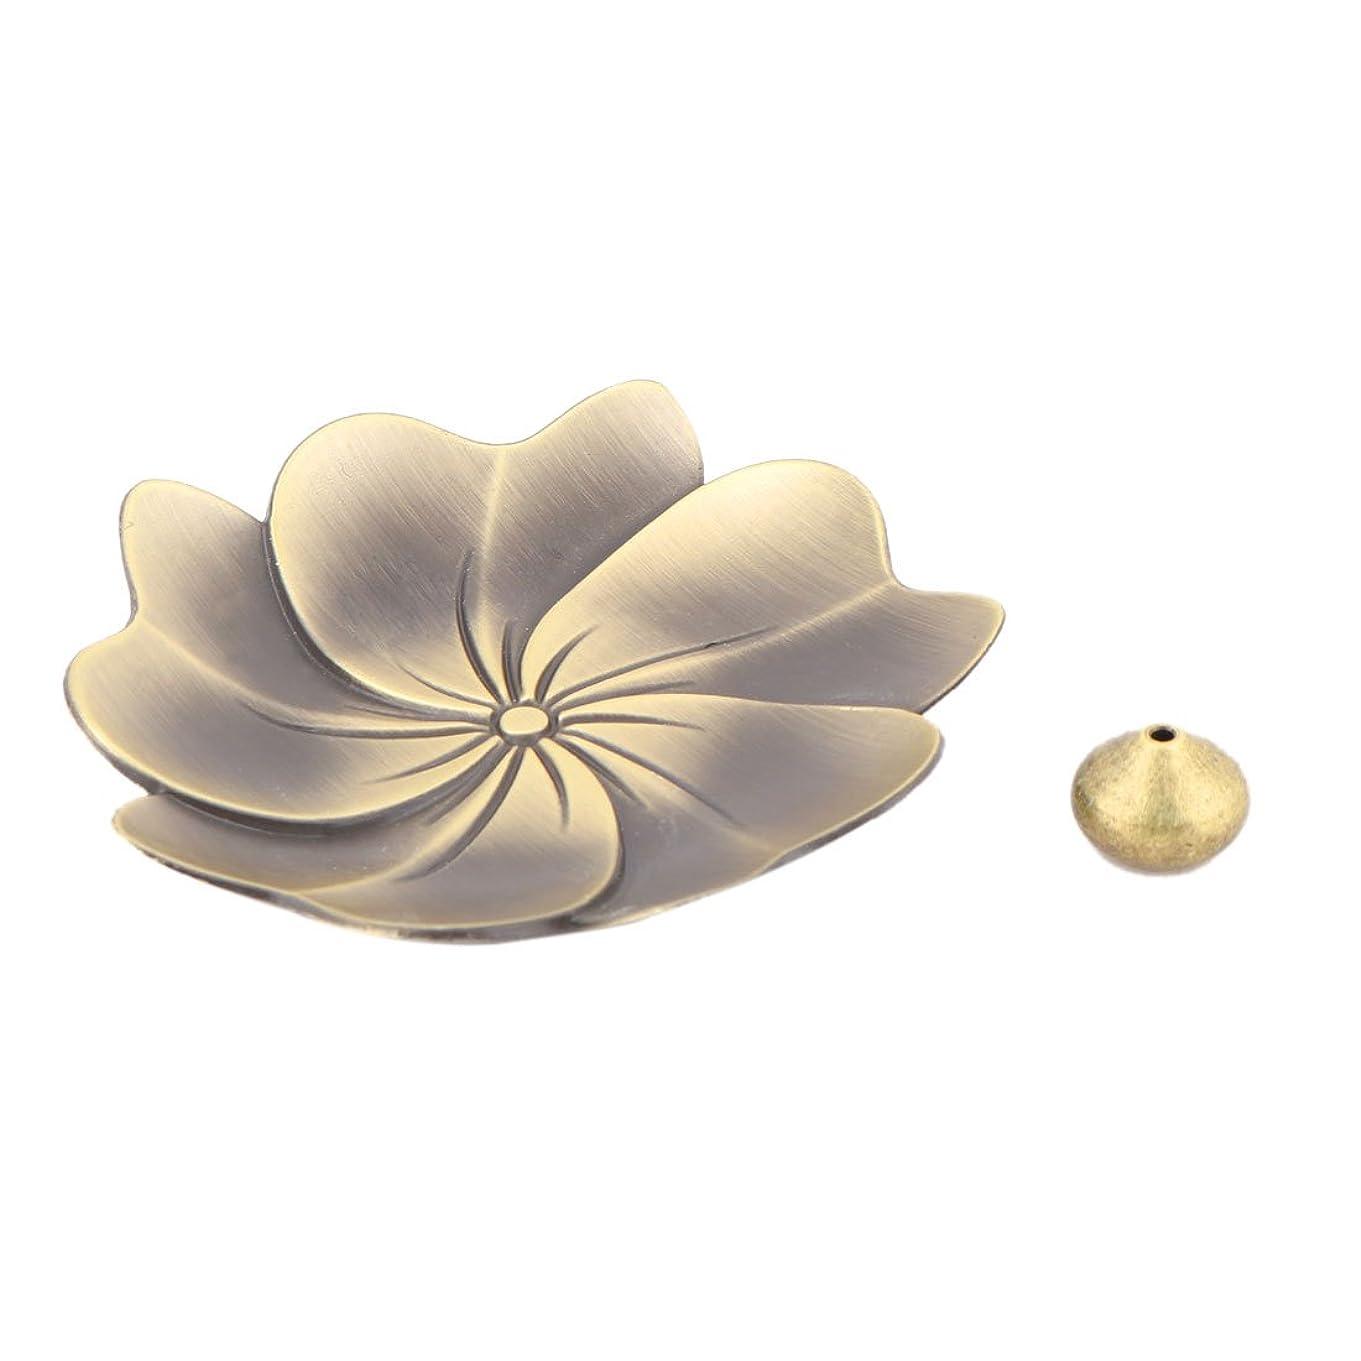 潜在的なフィルタヒールuxcell 香炉ホルダー お香立て インセンスホルダー 蓮 ロータス 花型 セット 金属製 家庭用 直径9cm